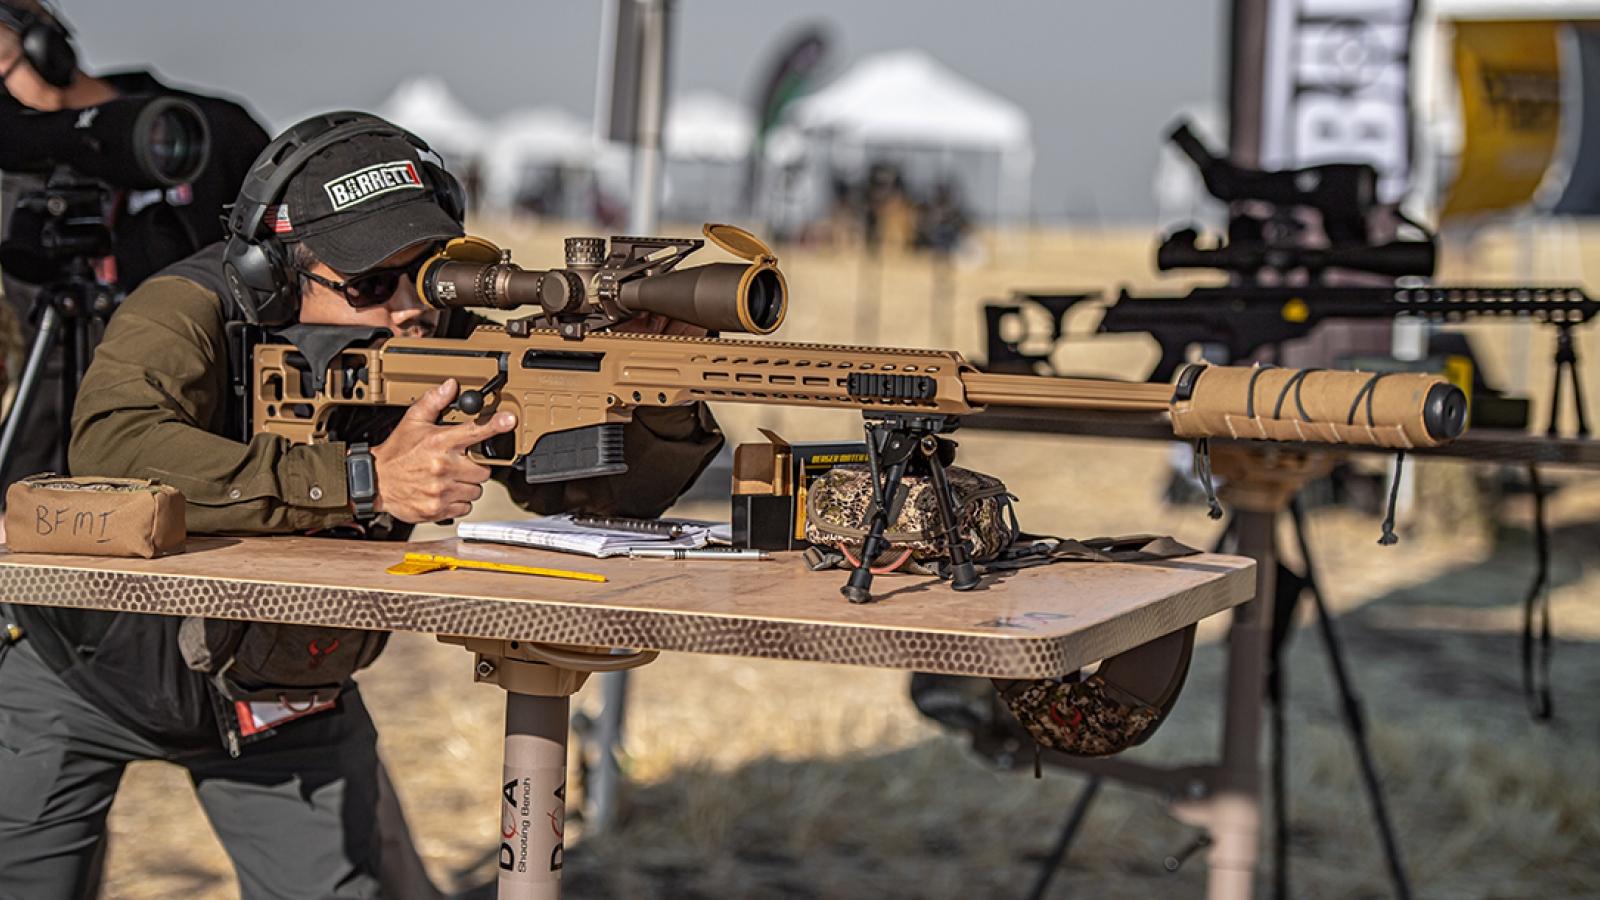 Sức mạnh đáng sợ của súng trường bắn tỉa 8 cỡ nòng MRAD Mark 22